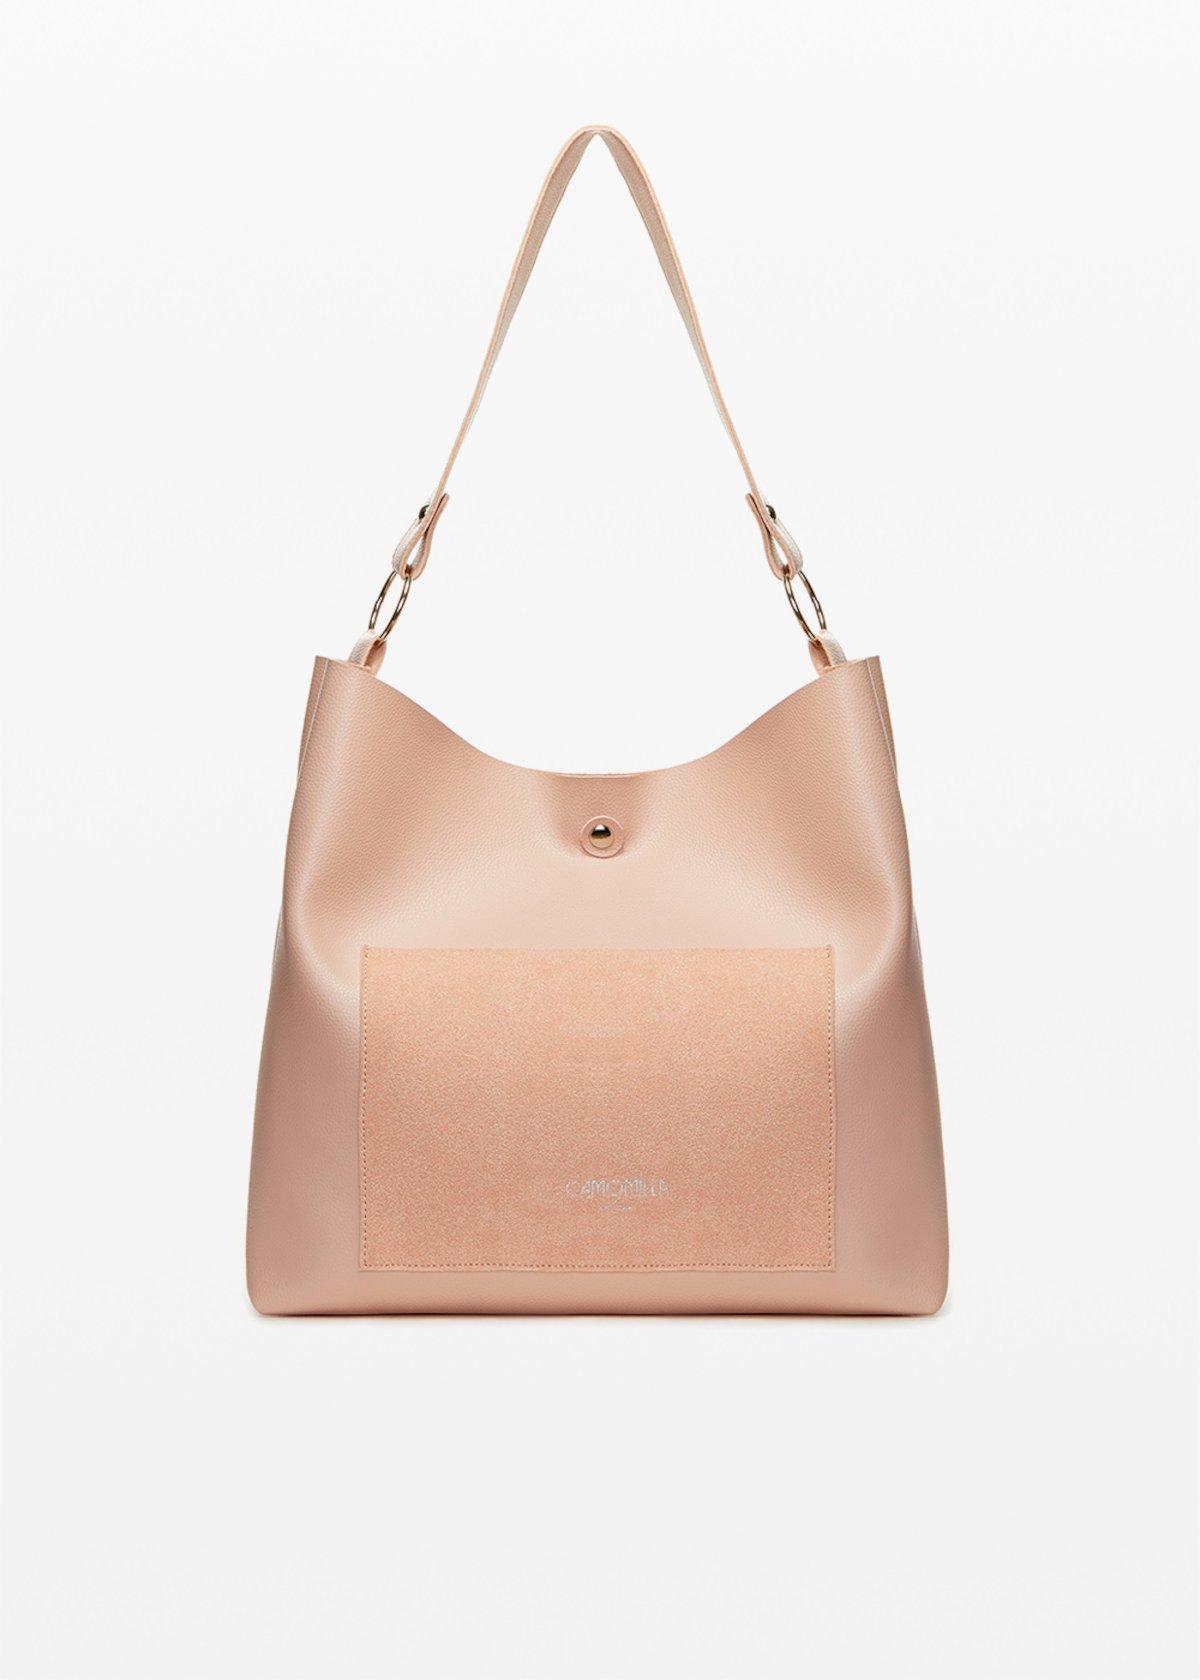 Babel shopping bag with logo